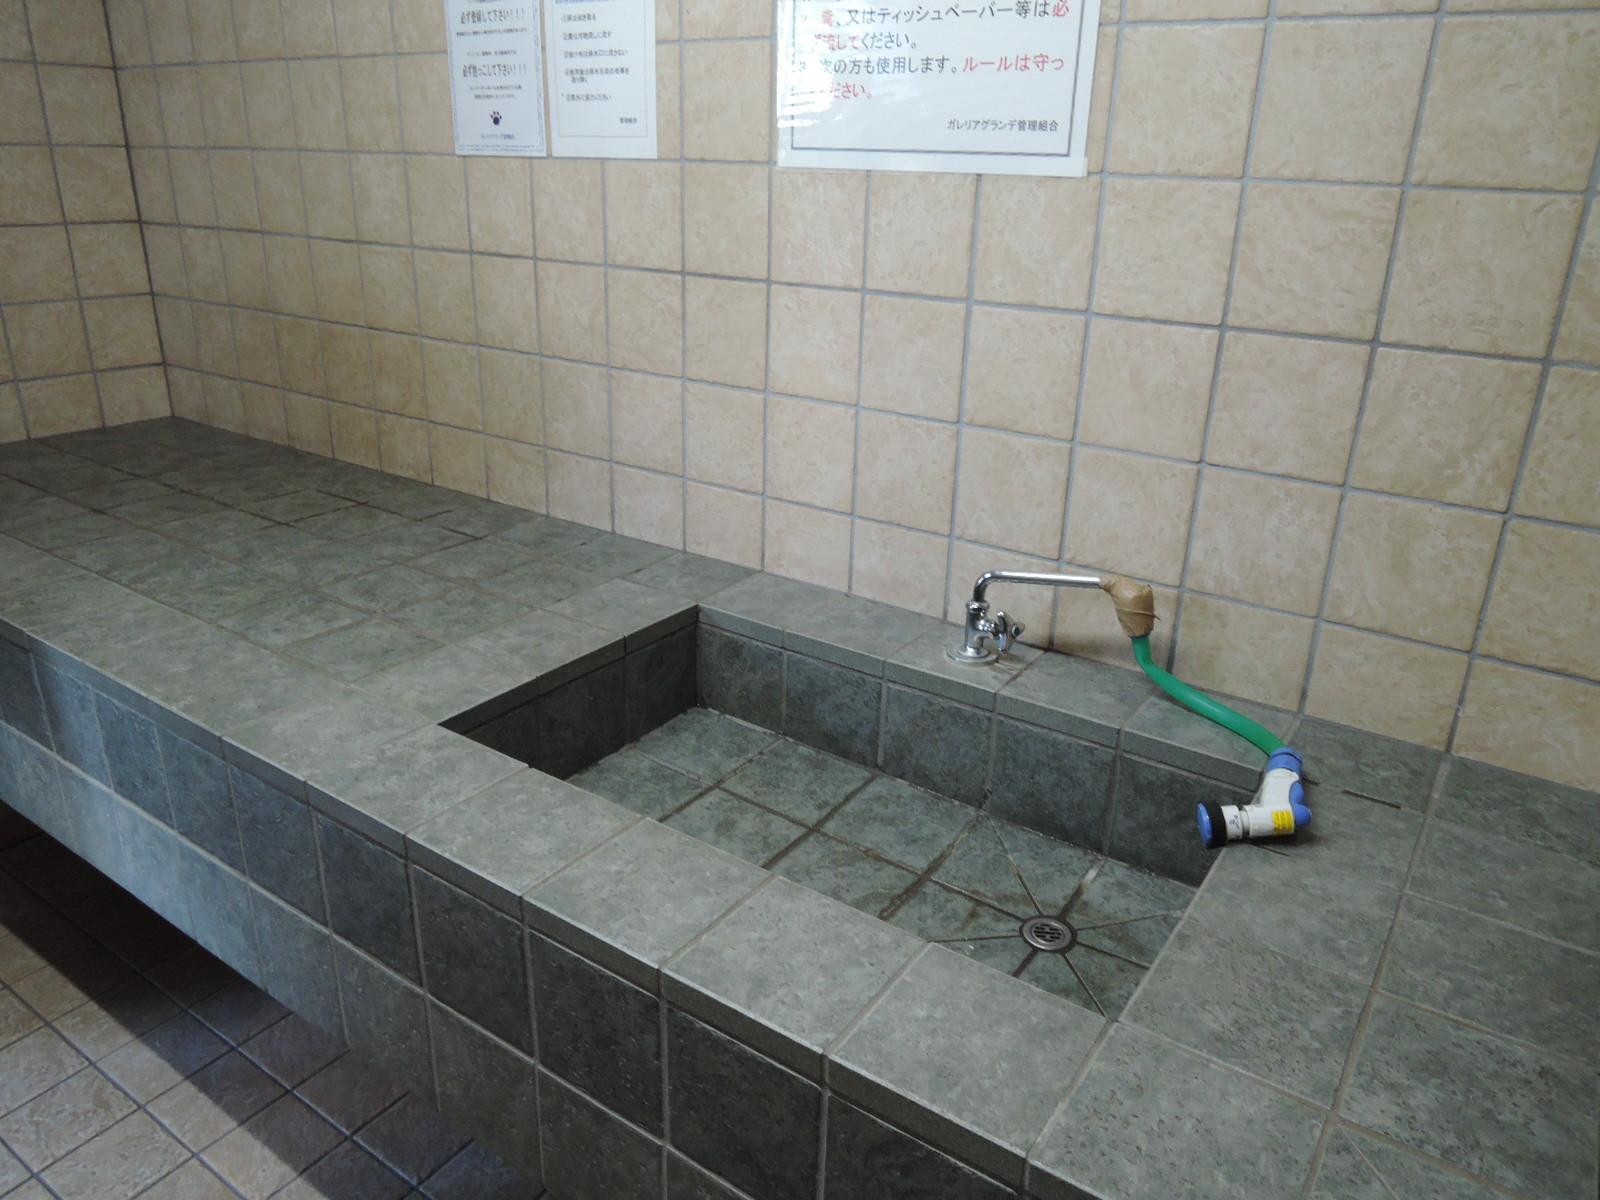 中には広い洗い場